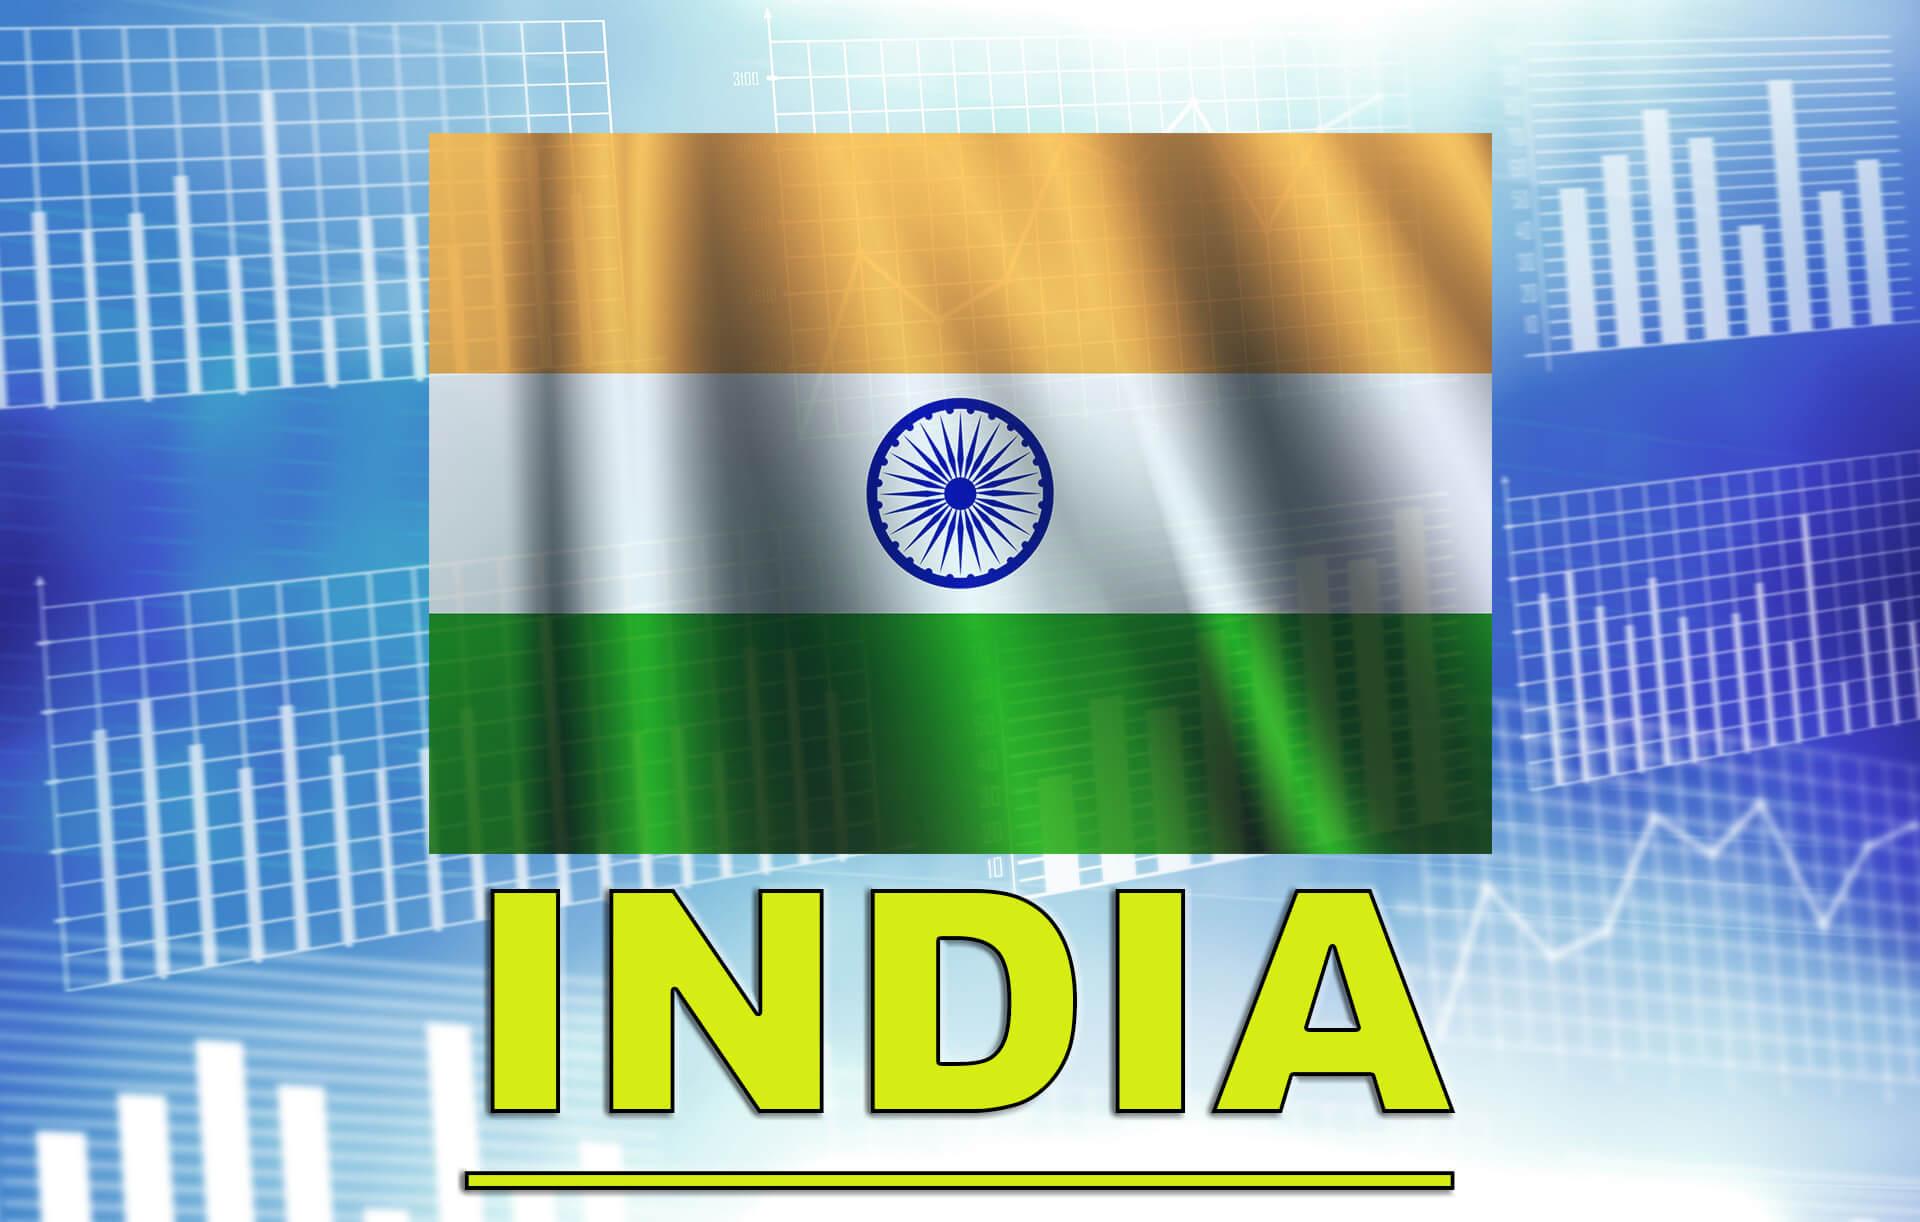 インドの株式市場 | 上場企業と時価総額から導き出すインドの成長産業